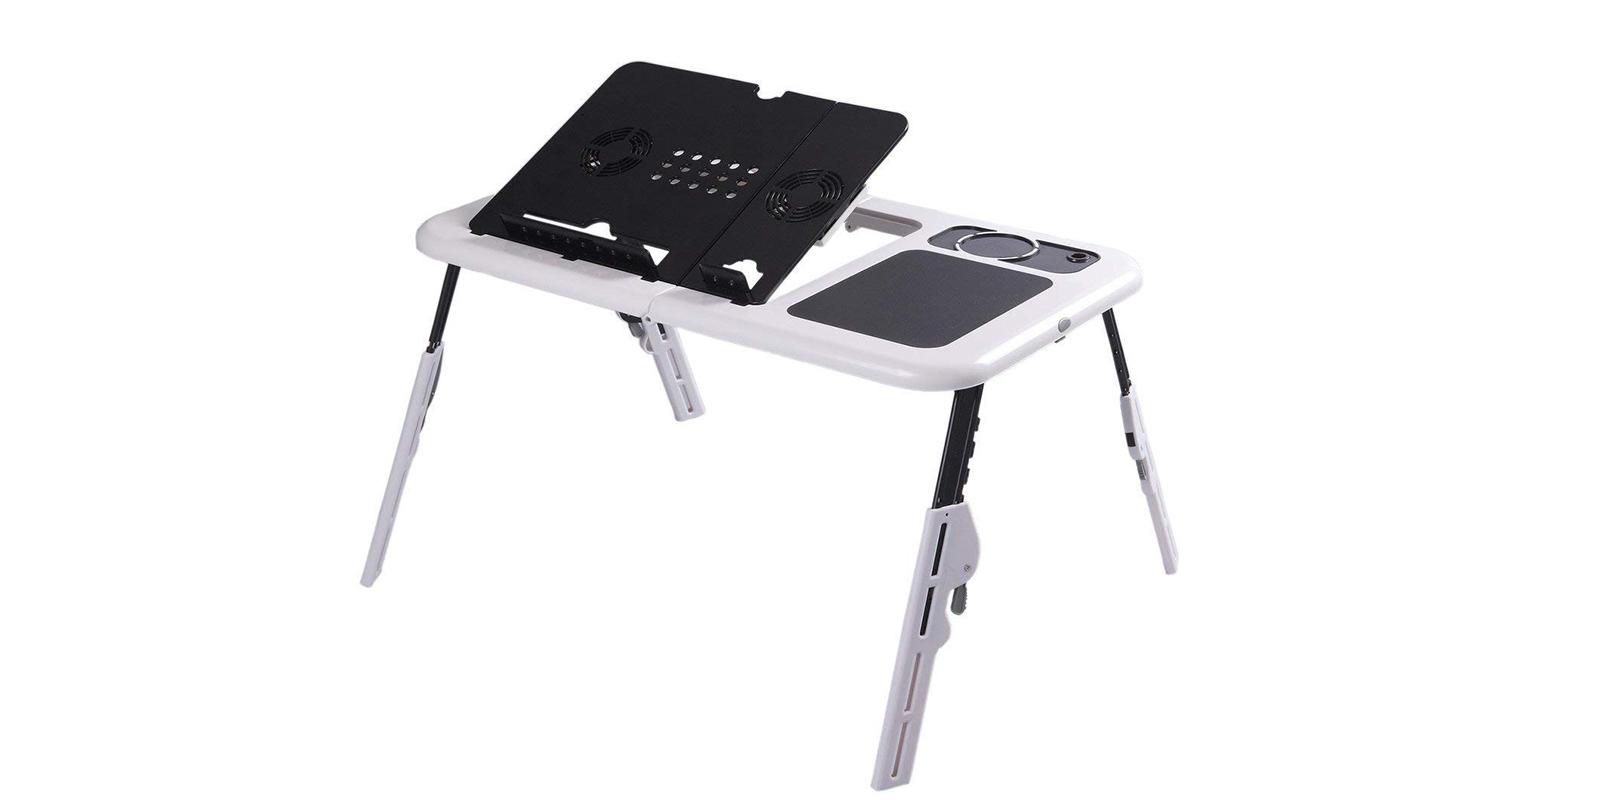 Tavolino Pieghevole Pc.Tavolino Pc Notebook Tablet Supporto Computer Portatile Pieghevole Ld09